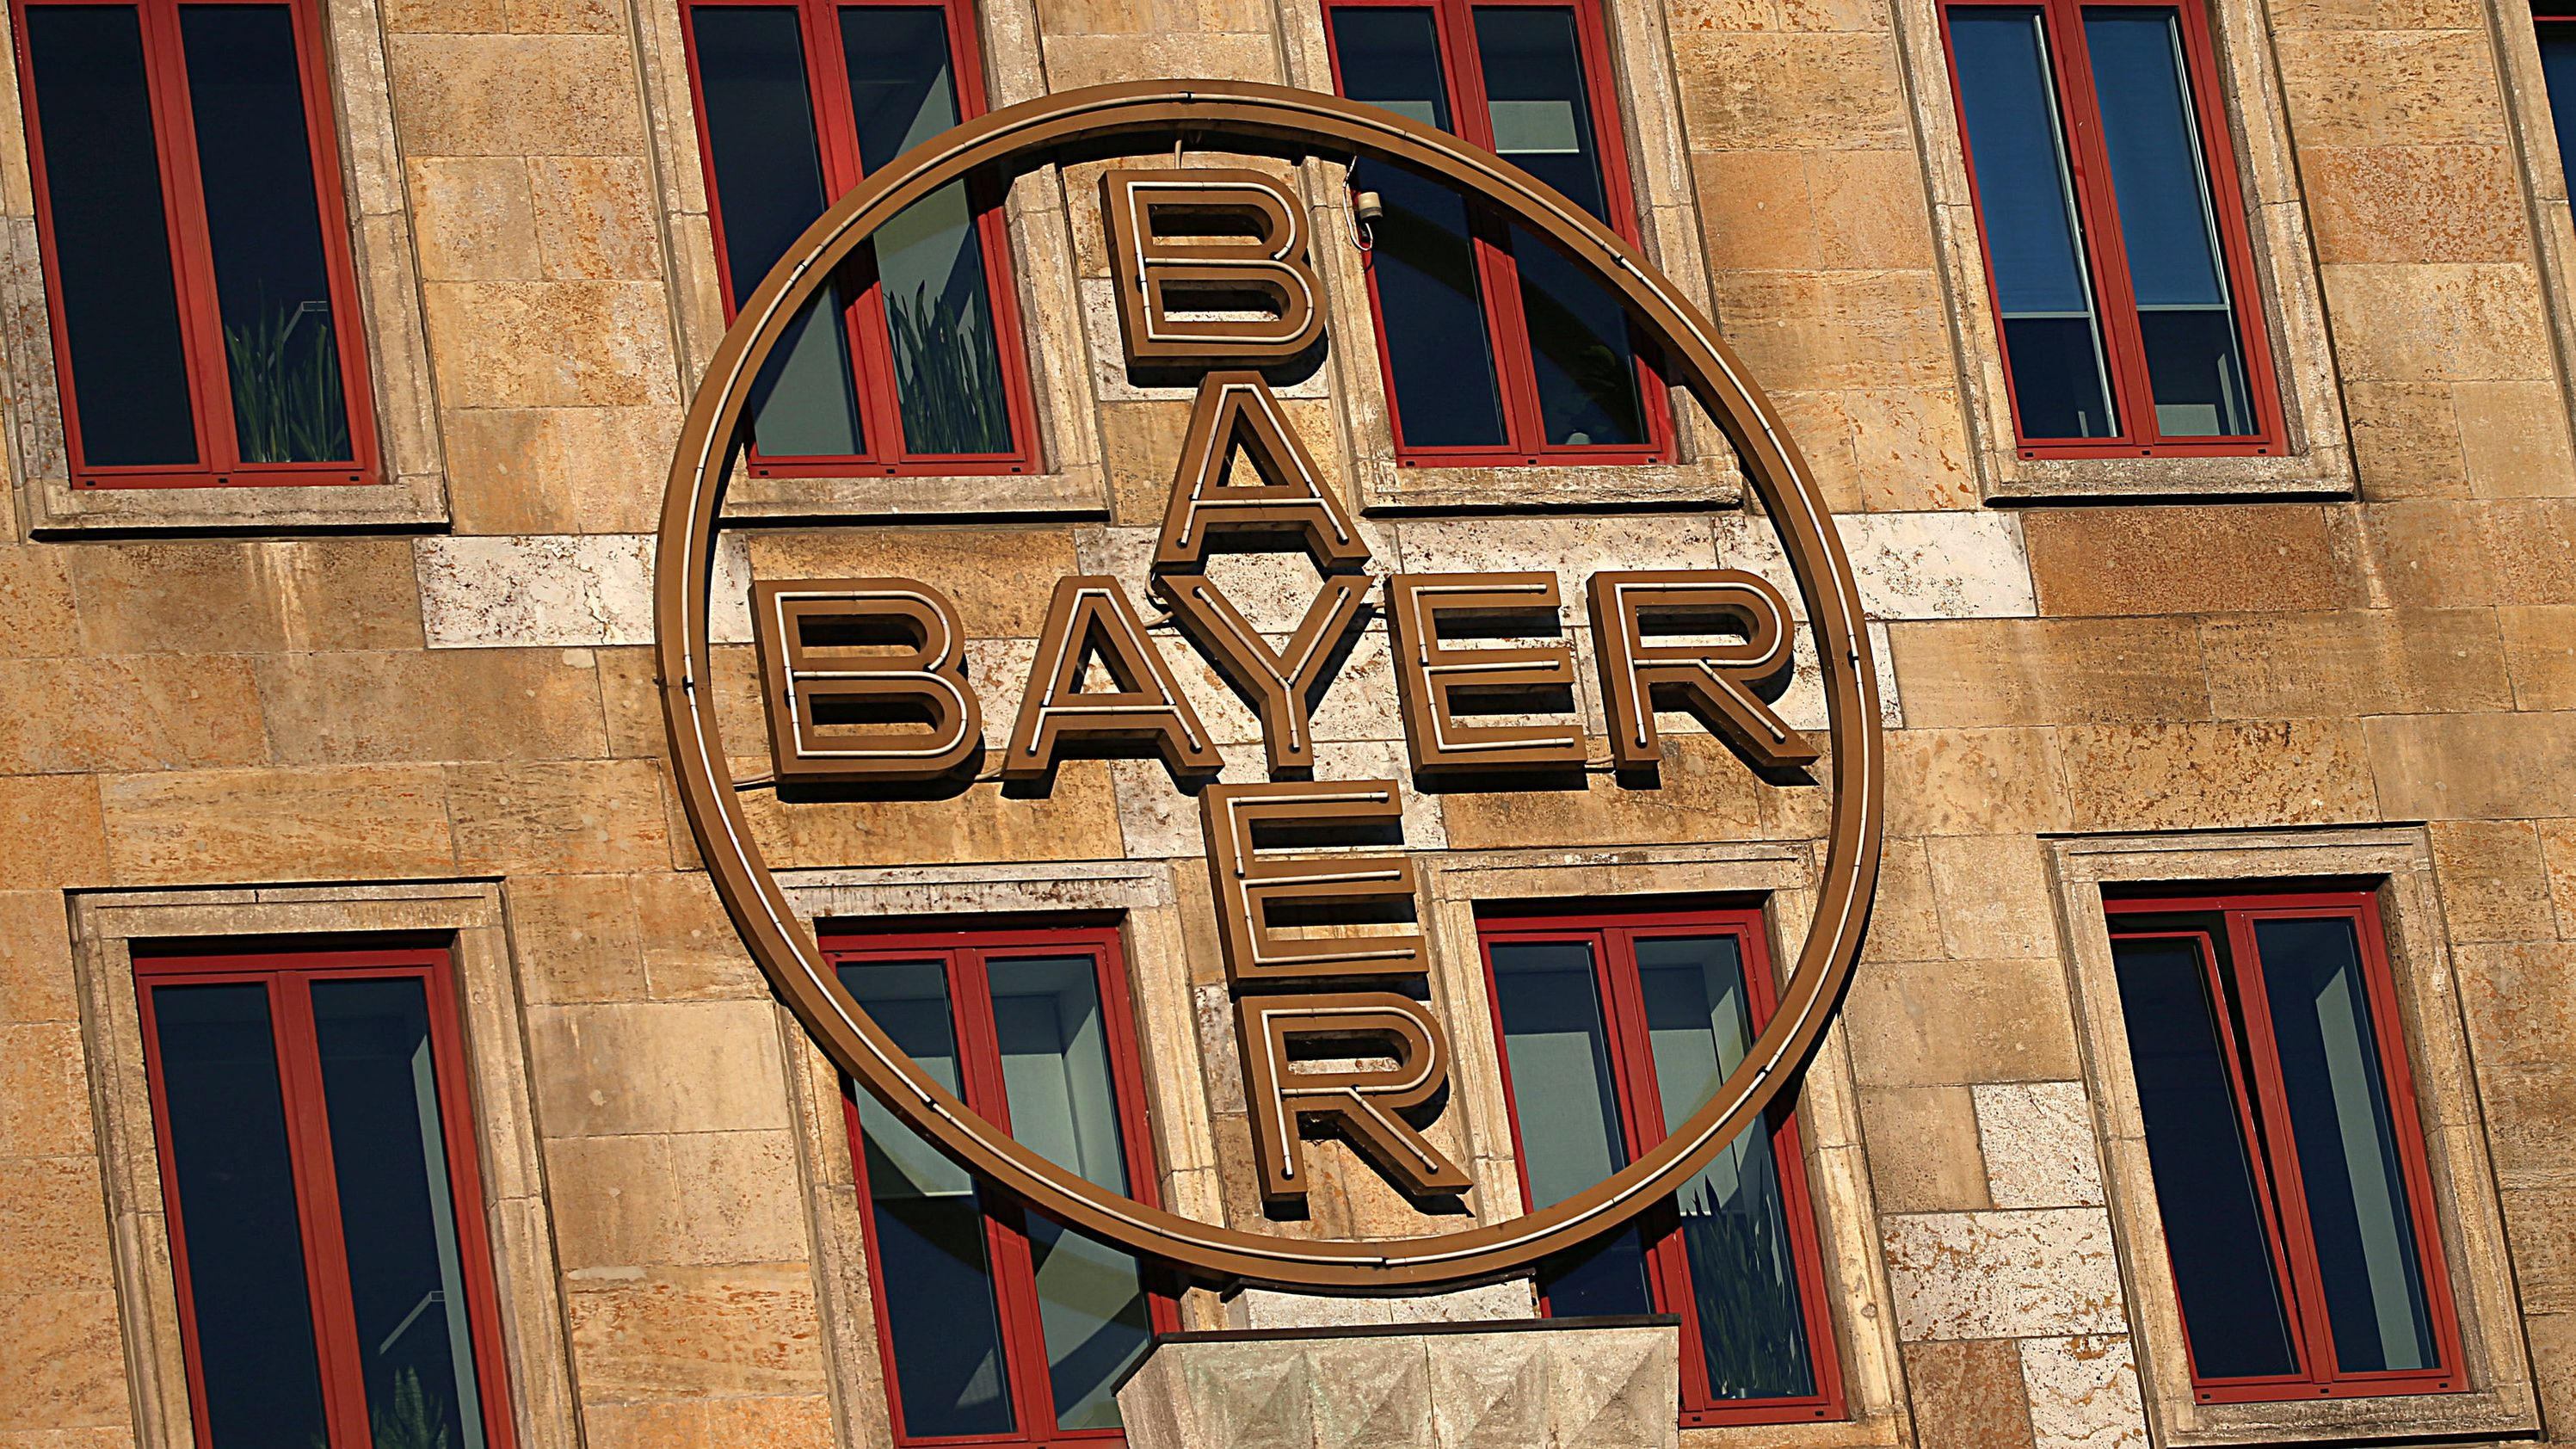 Das Bayer-Kreuz hängt an der Fassade eines Werksgebäudes von Bayer